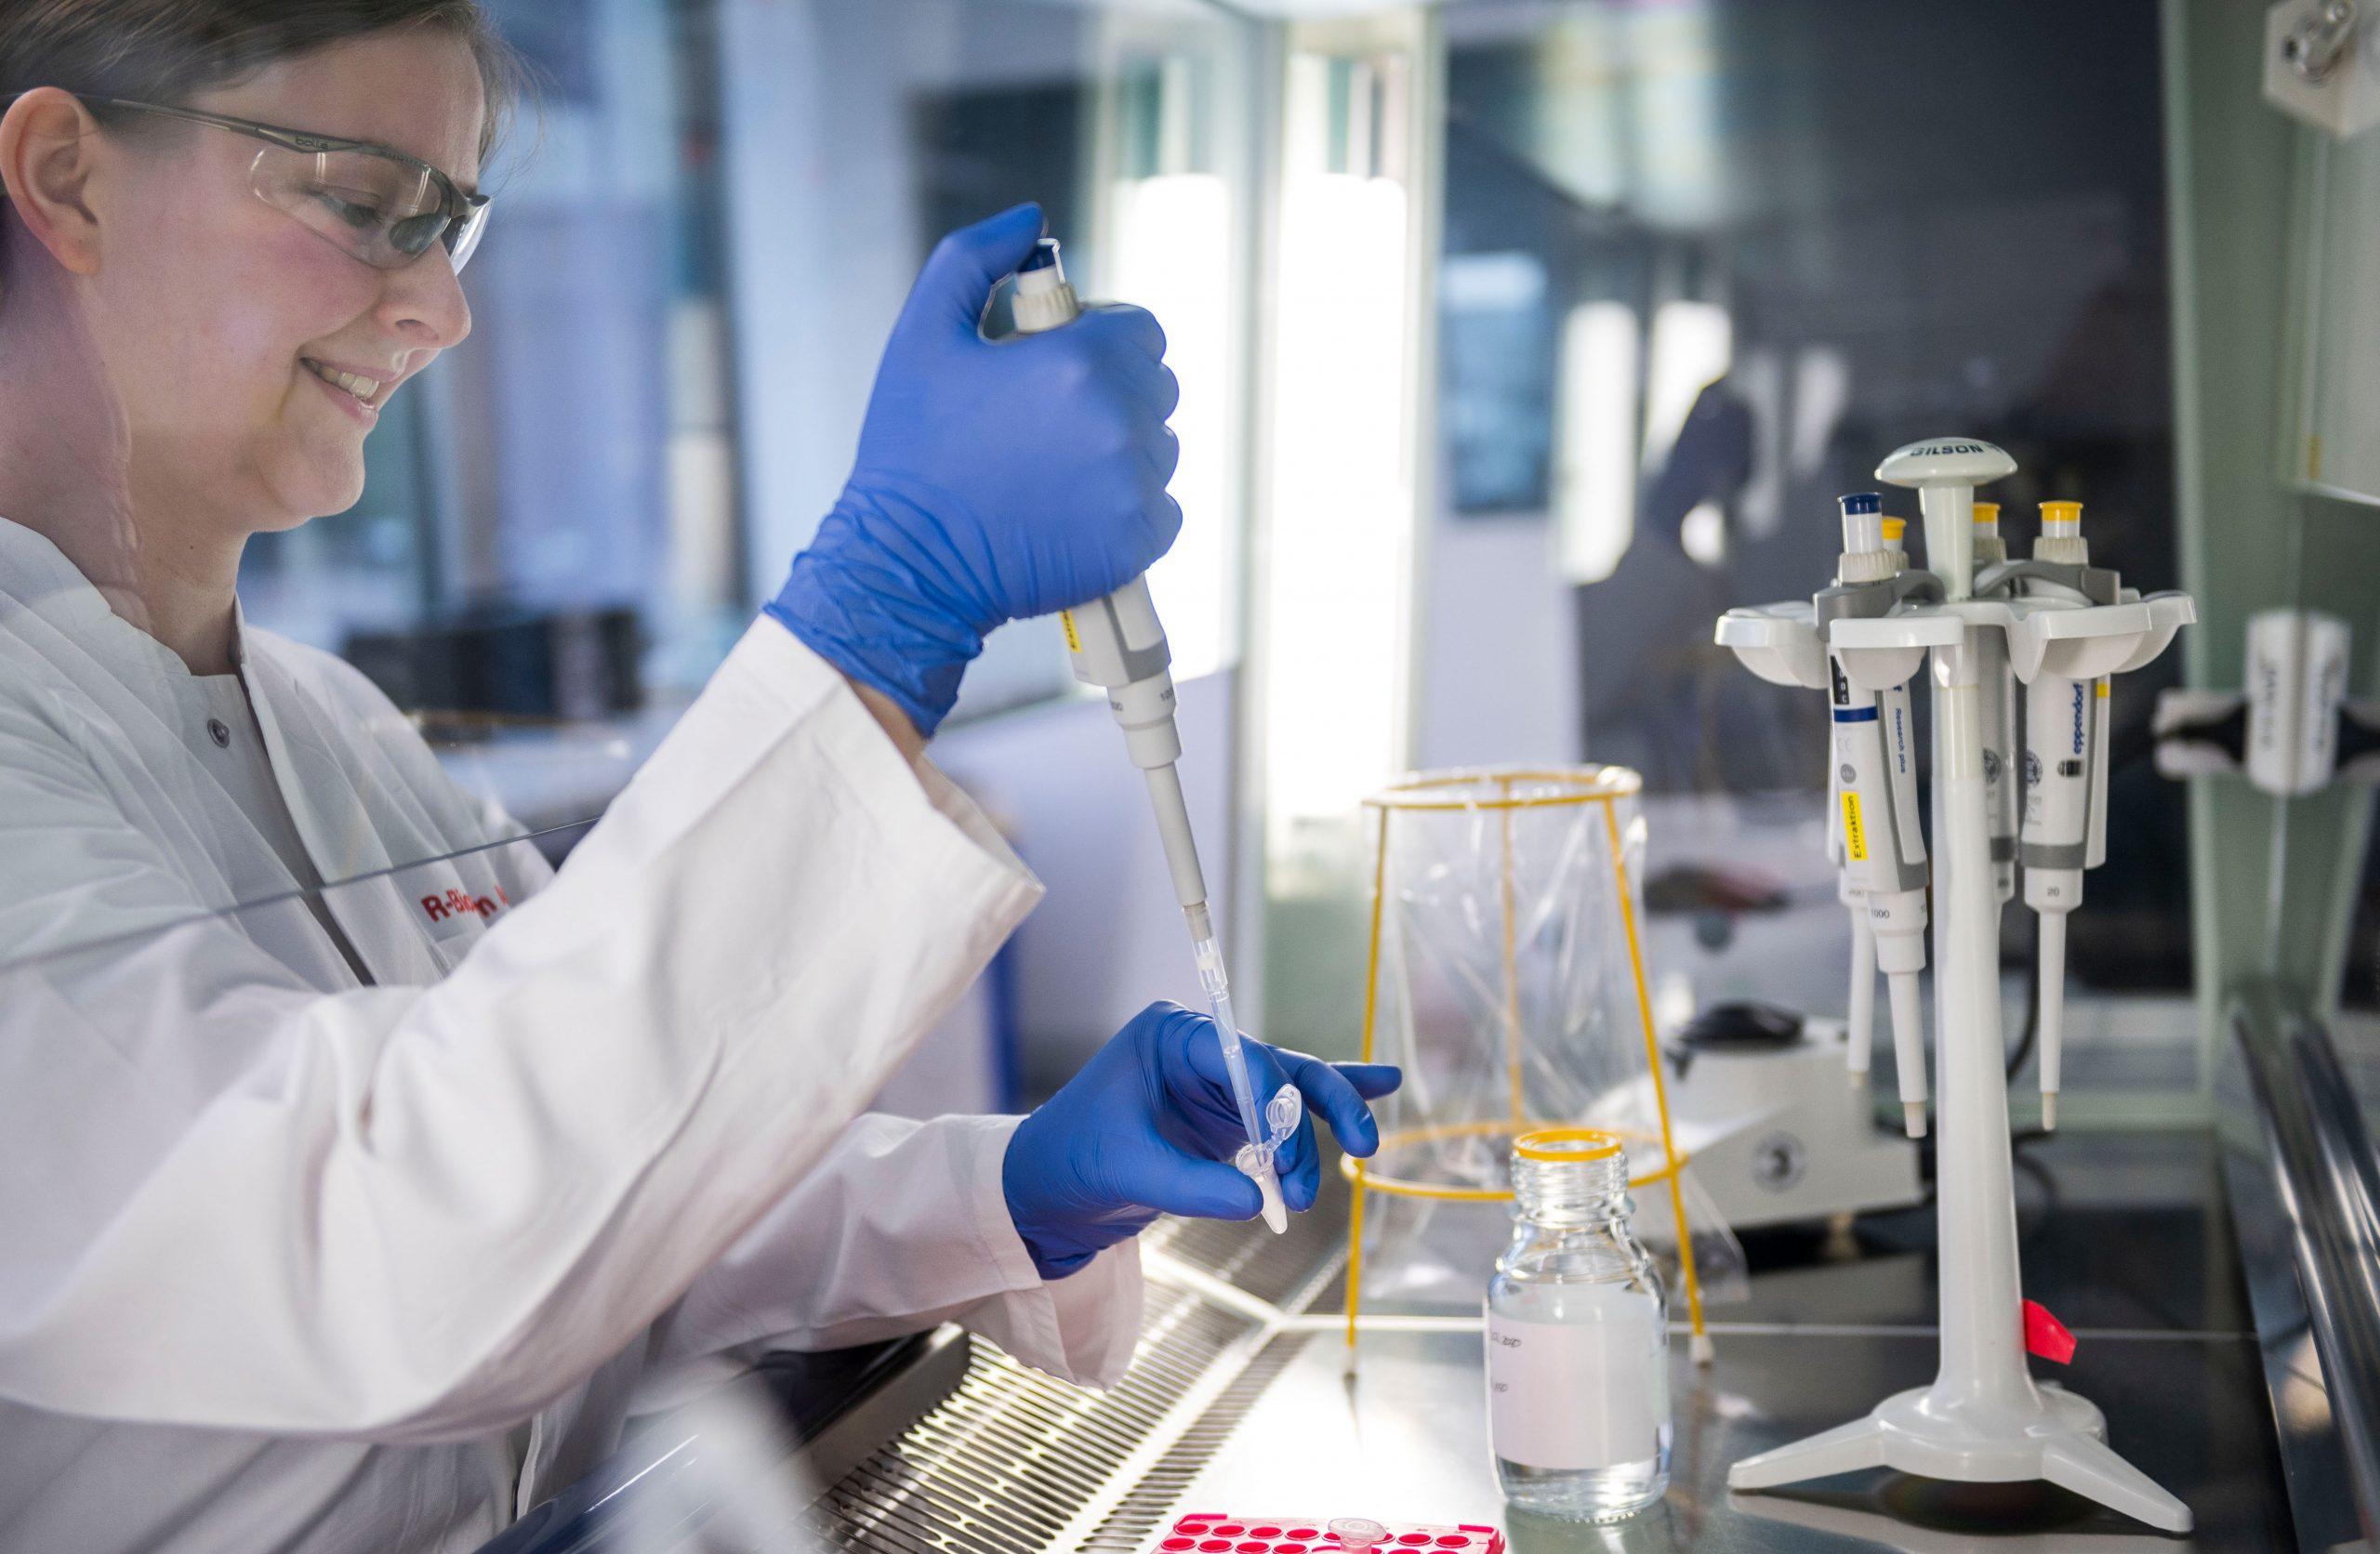 Die R-Biopharm AG mit Hauptsitz in Darmstadt bringt als eines der ersten Diagnostikunternehmen weltweit einen sogenannten real-time RT-PCR Test zur Erkennung des SARS-CoV-2 Virus auf den Markt.